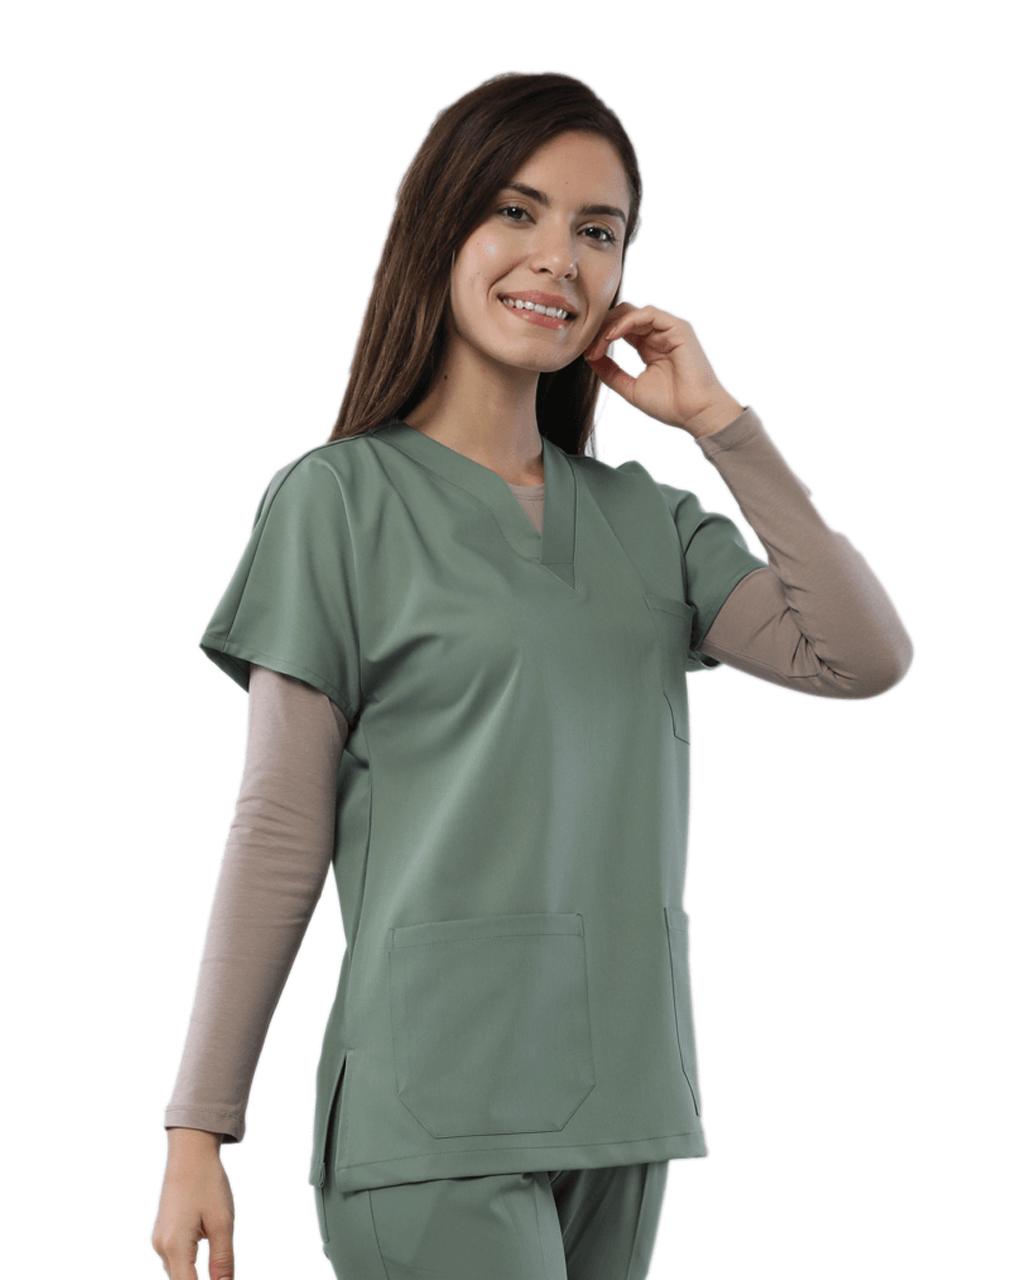 Mint Yeşili Relax Likralı Doktor & Hemşire Forma Üstü